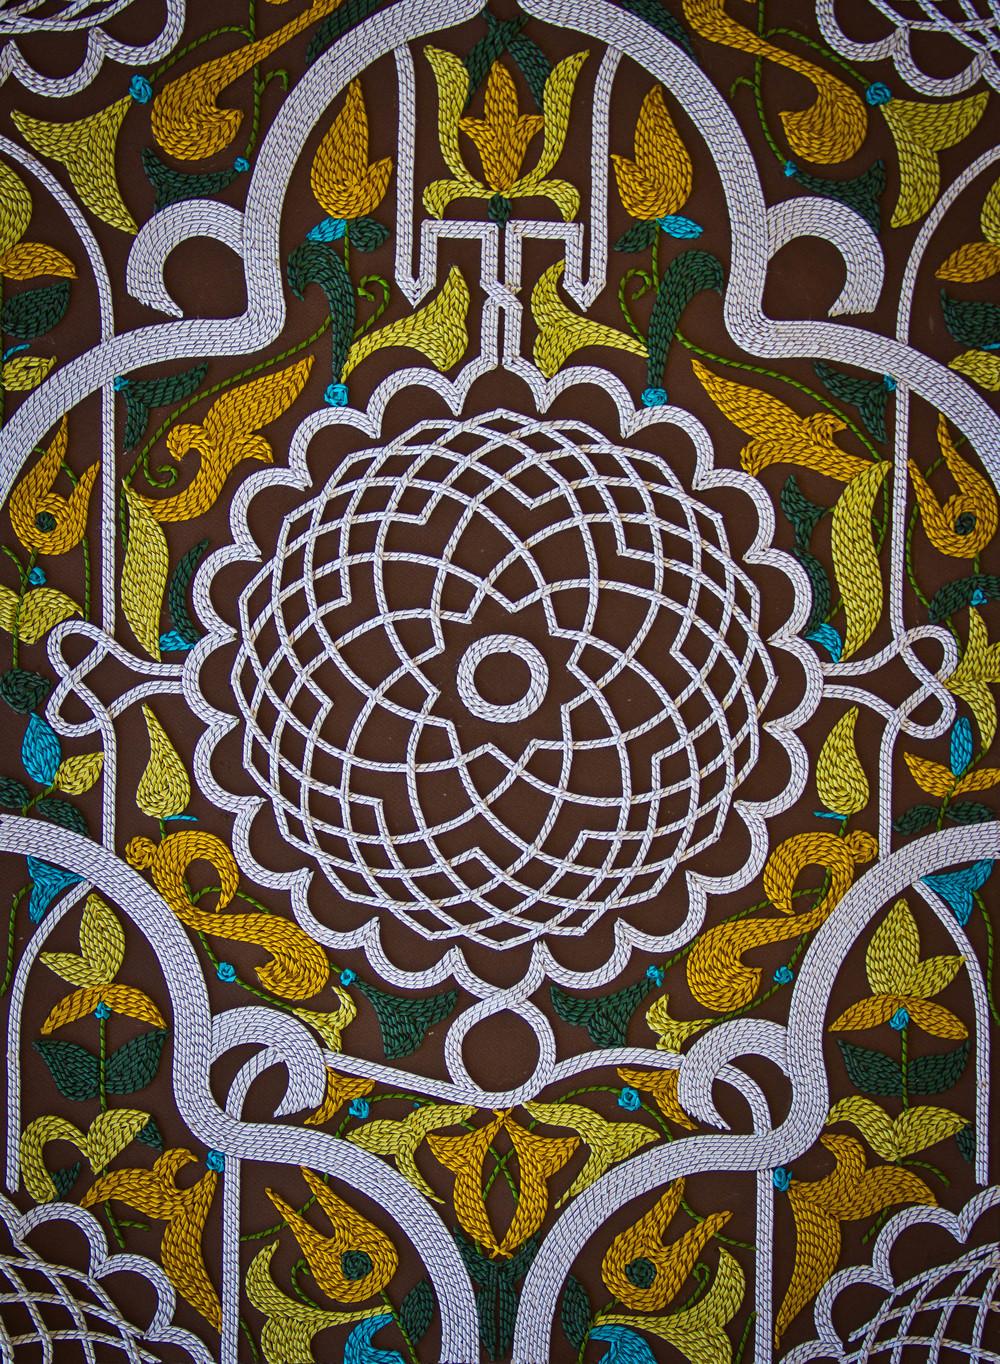 mosaic2_2.JPG